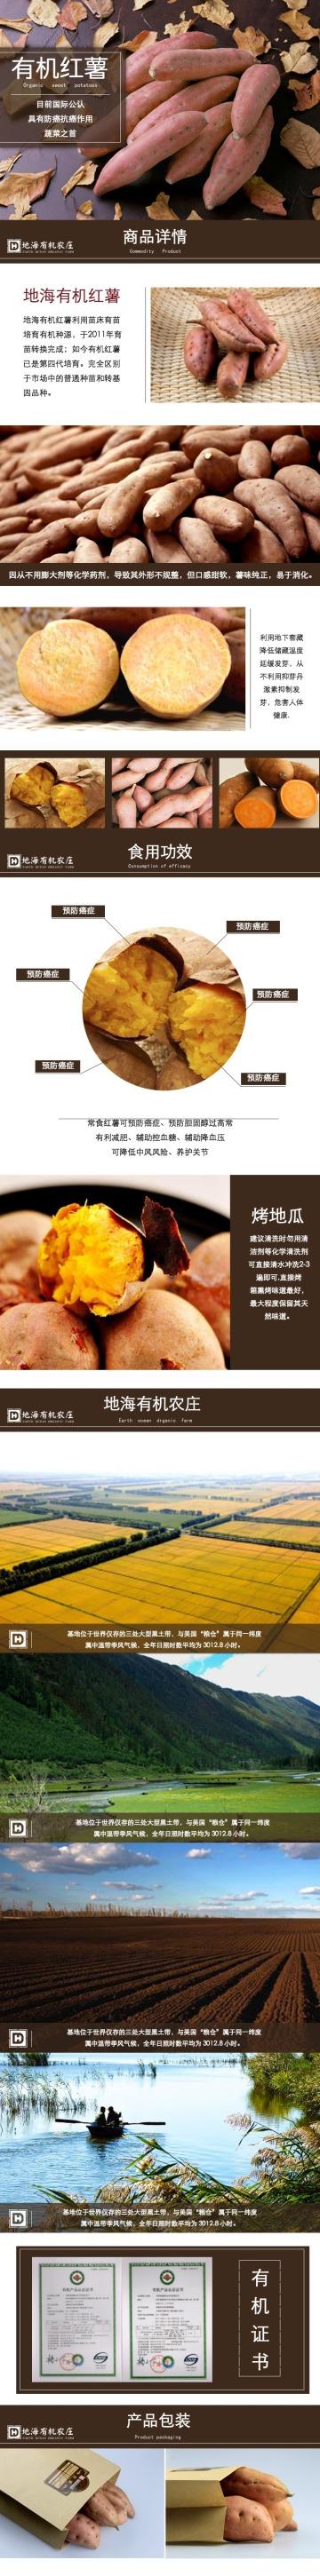 黄色自然清新地海有机红薯电商详情图